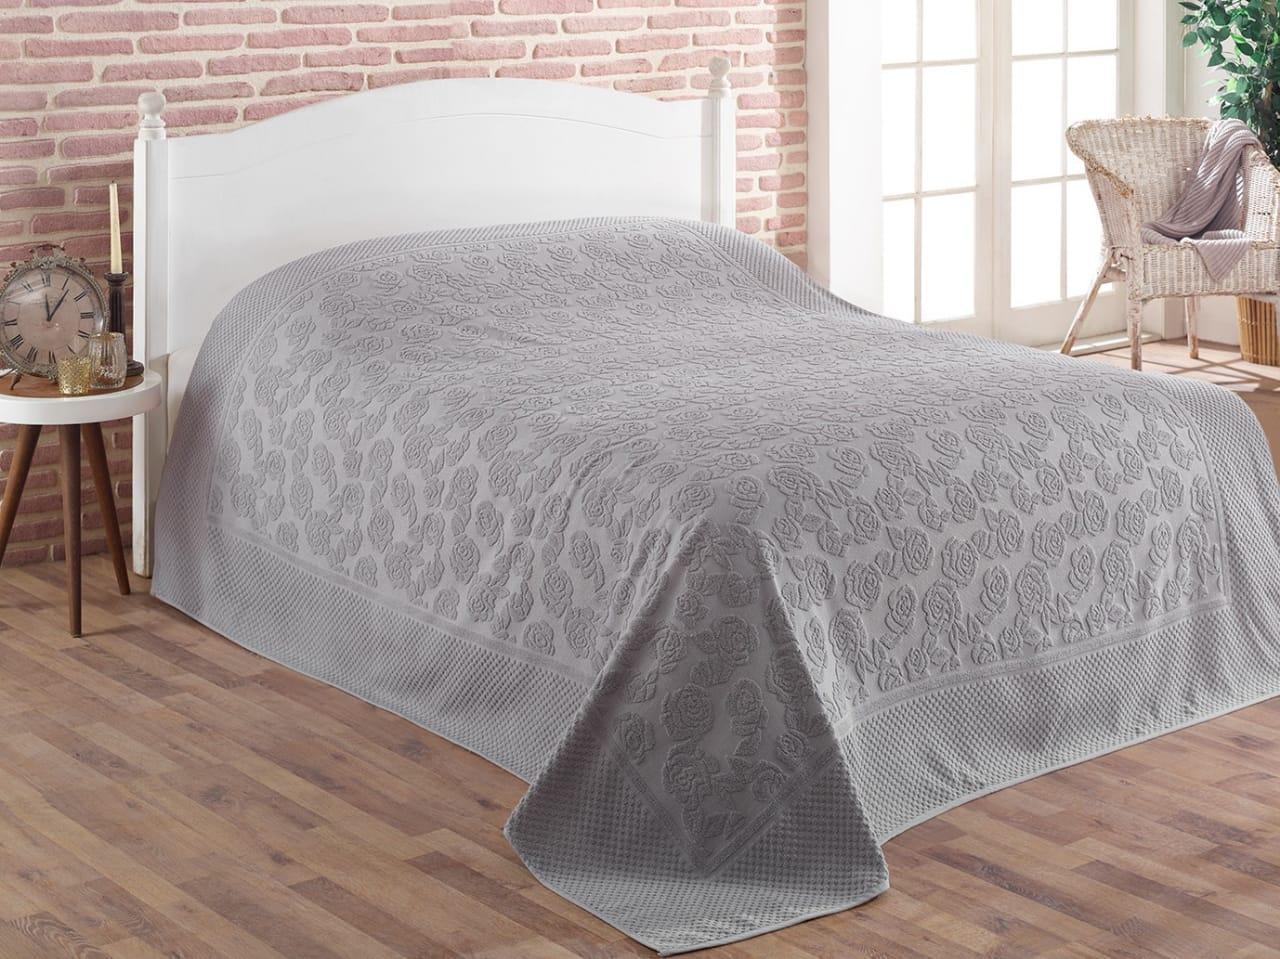 Простынь Gulcan Cotton полуторная 160*220 см махровая серая Grey